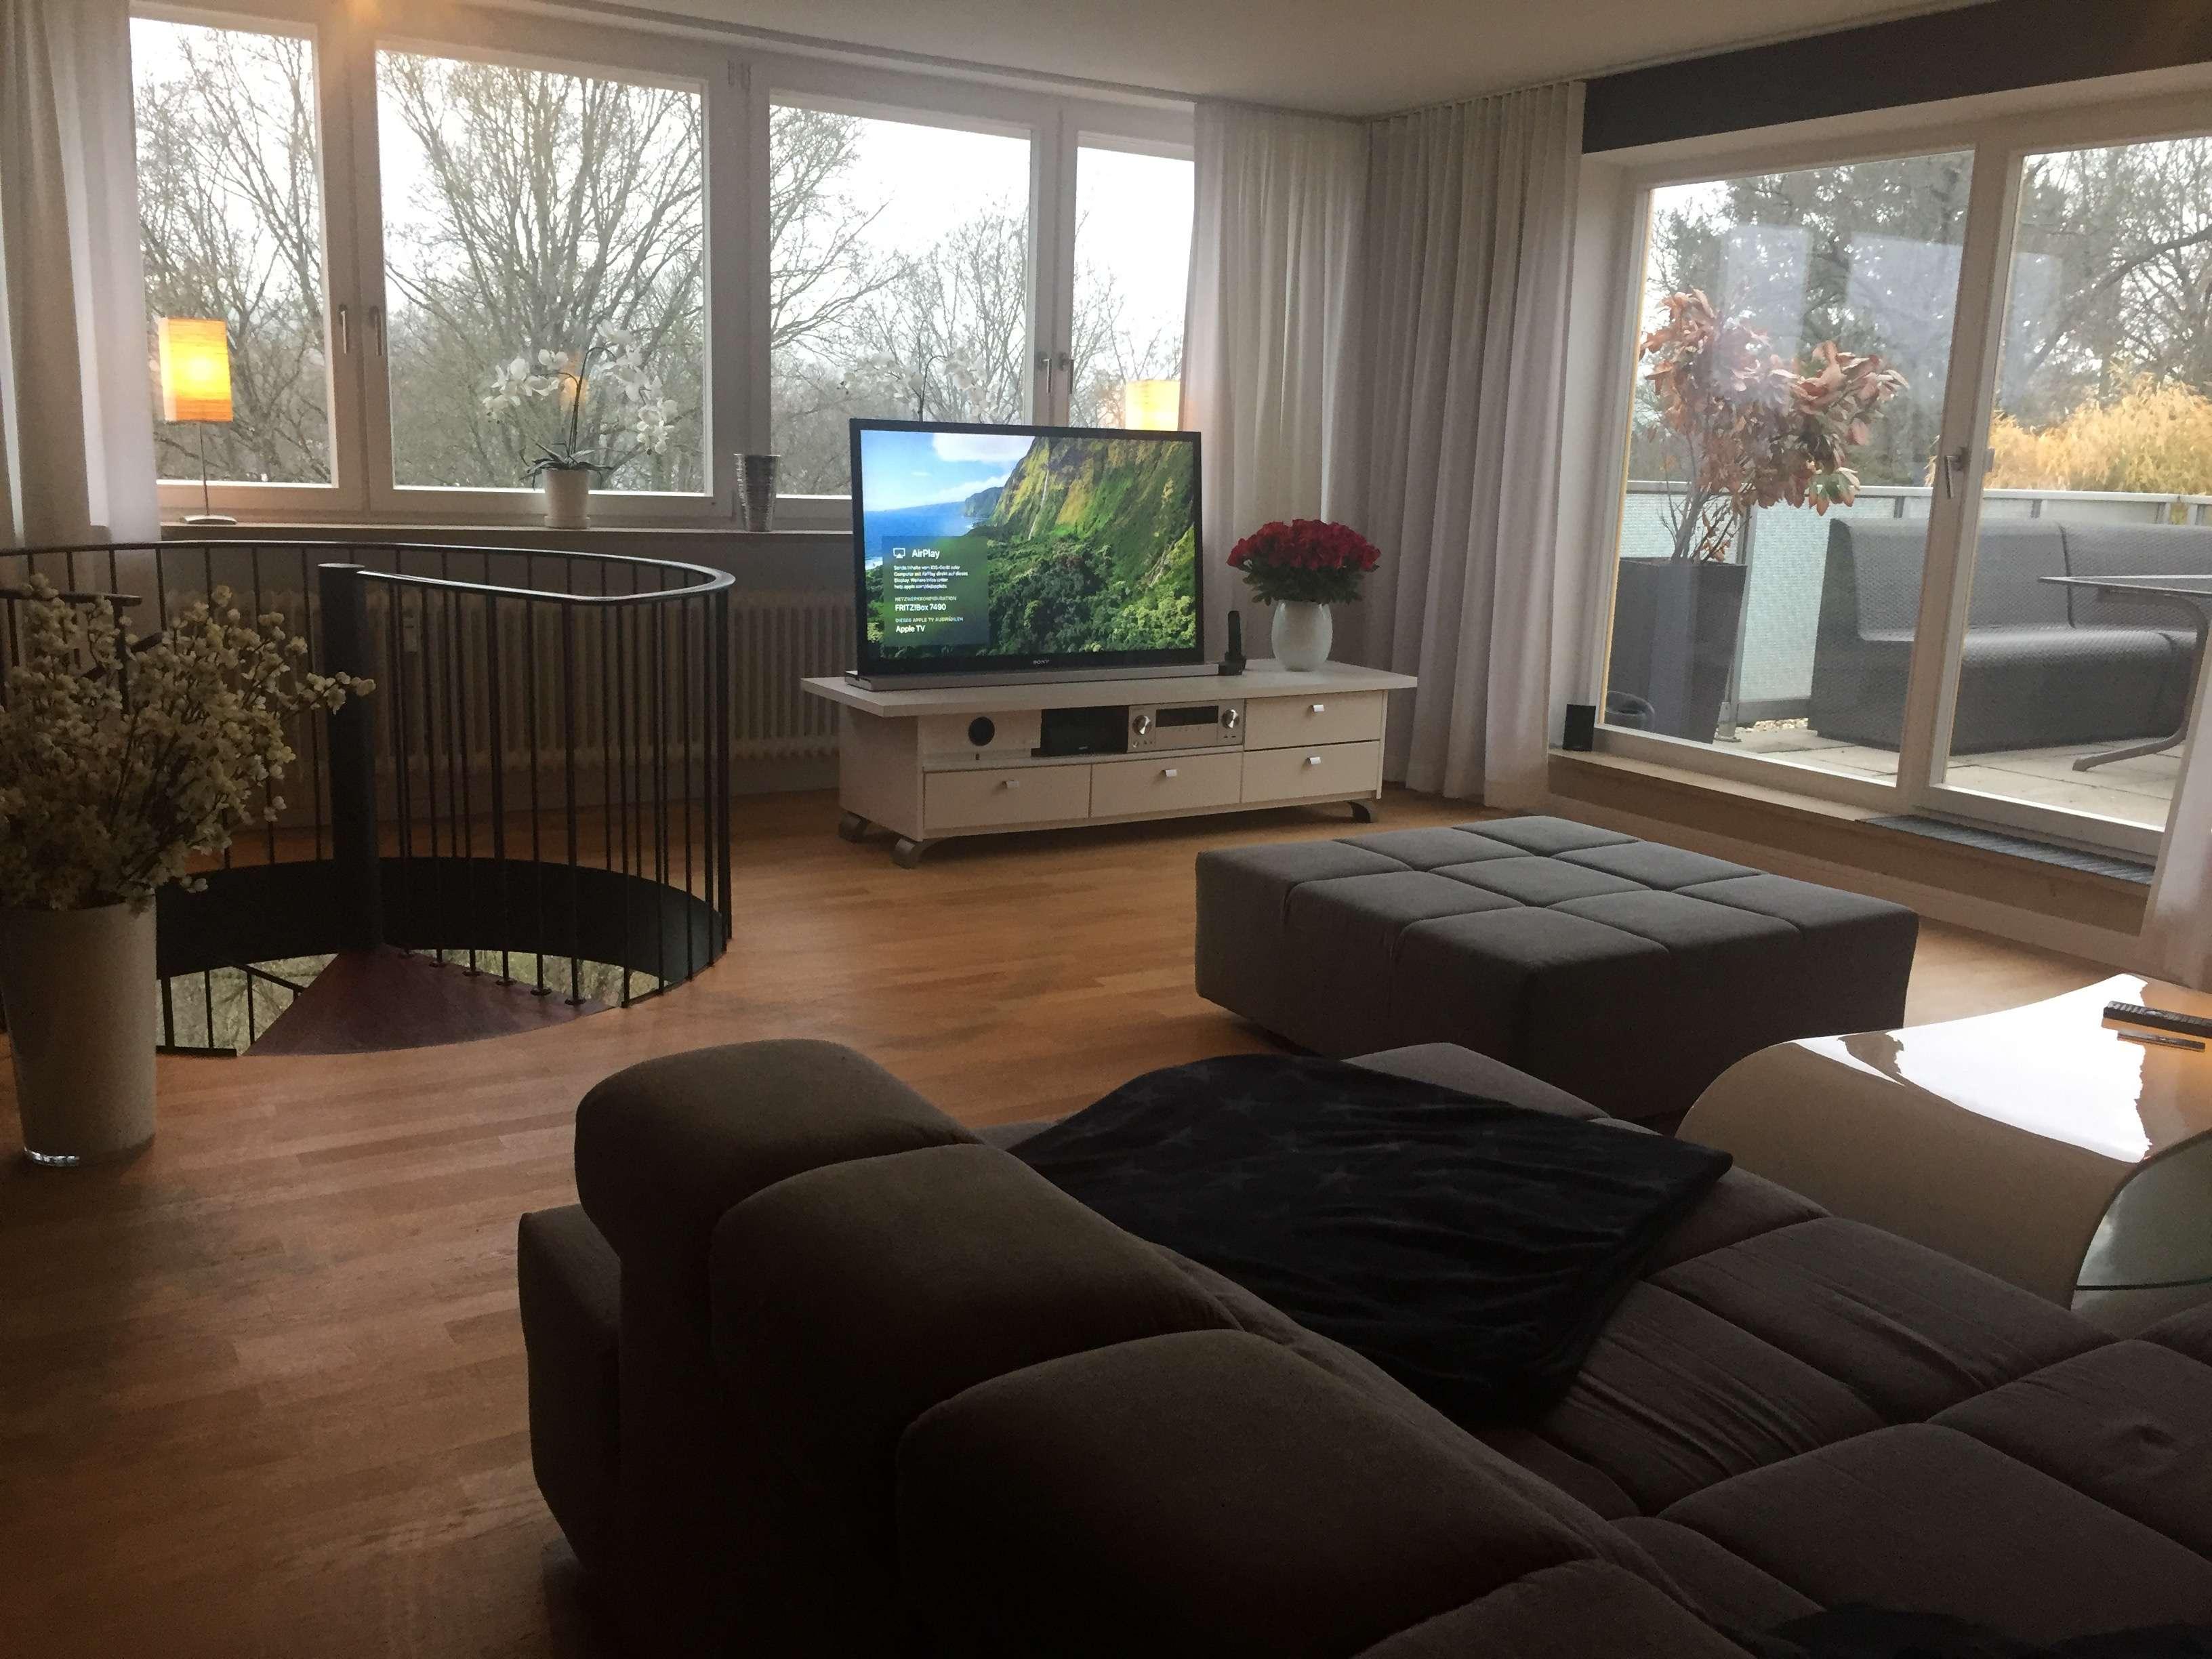 Exklusives Wohnen auf zwei Ebenen mit Dachterrasse und wunderschöner Aussicht ins Grüne in Großprüfening-Königswiesen-Dechbetten (Regensburg)